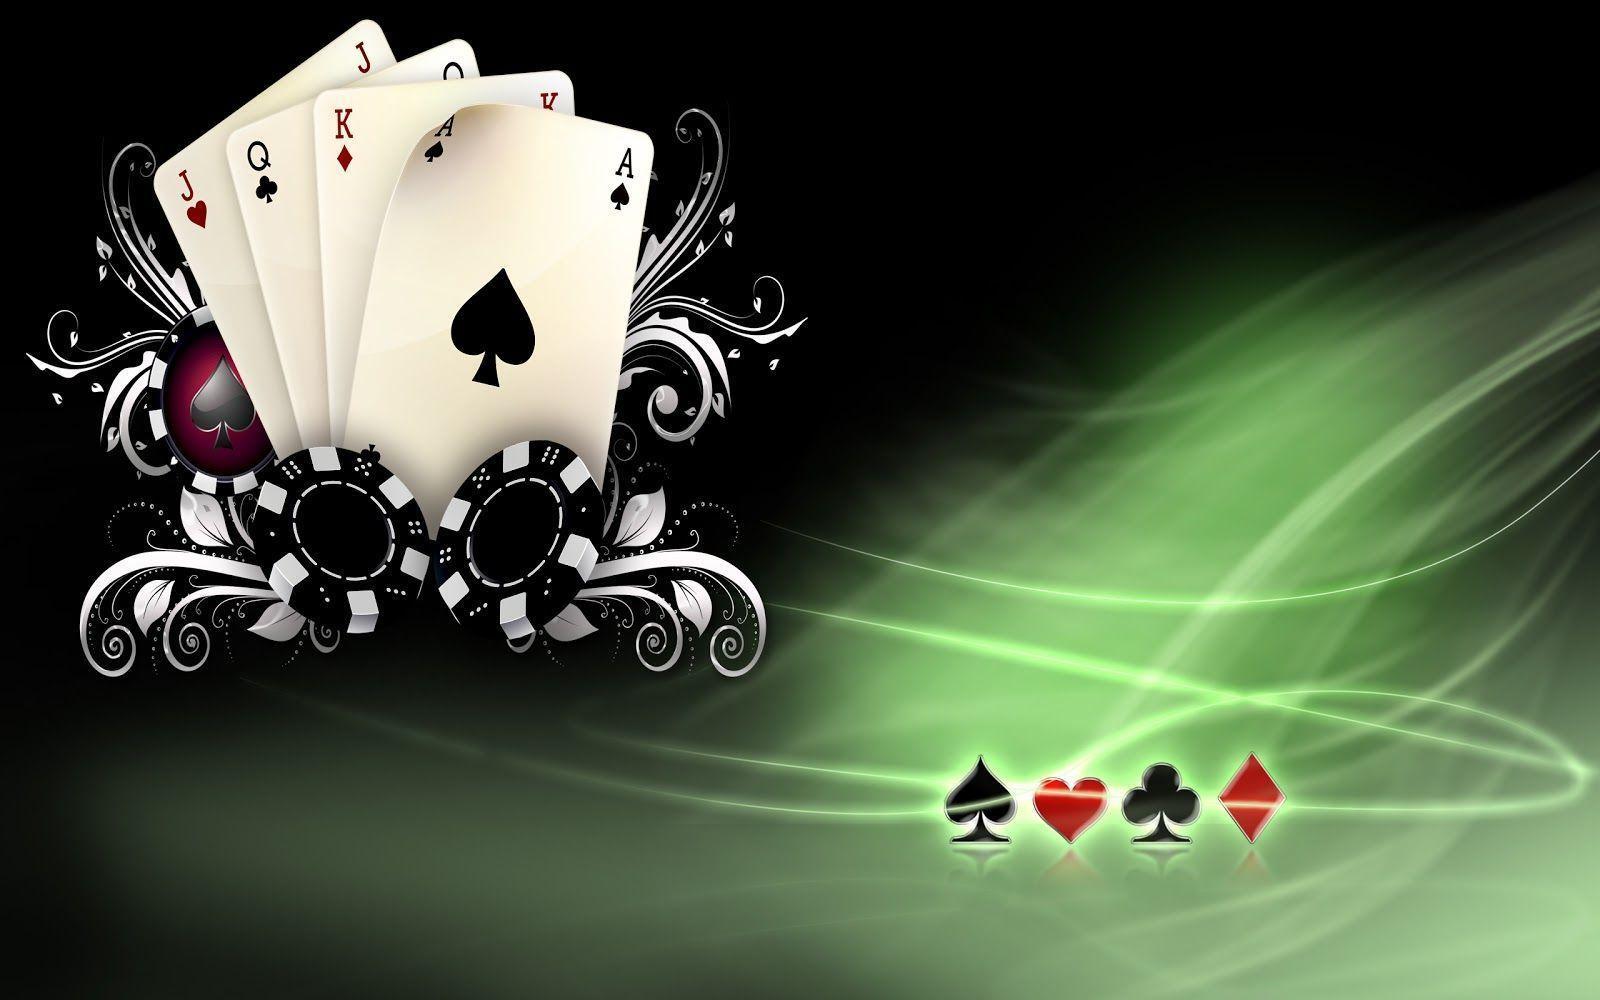 Winning in slot machines